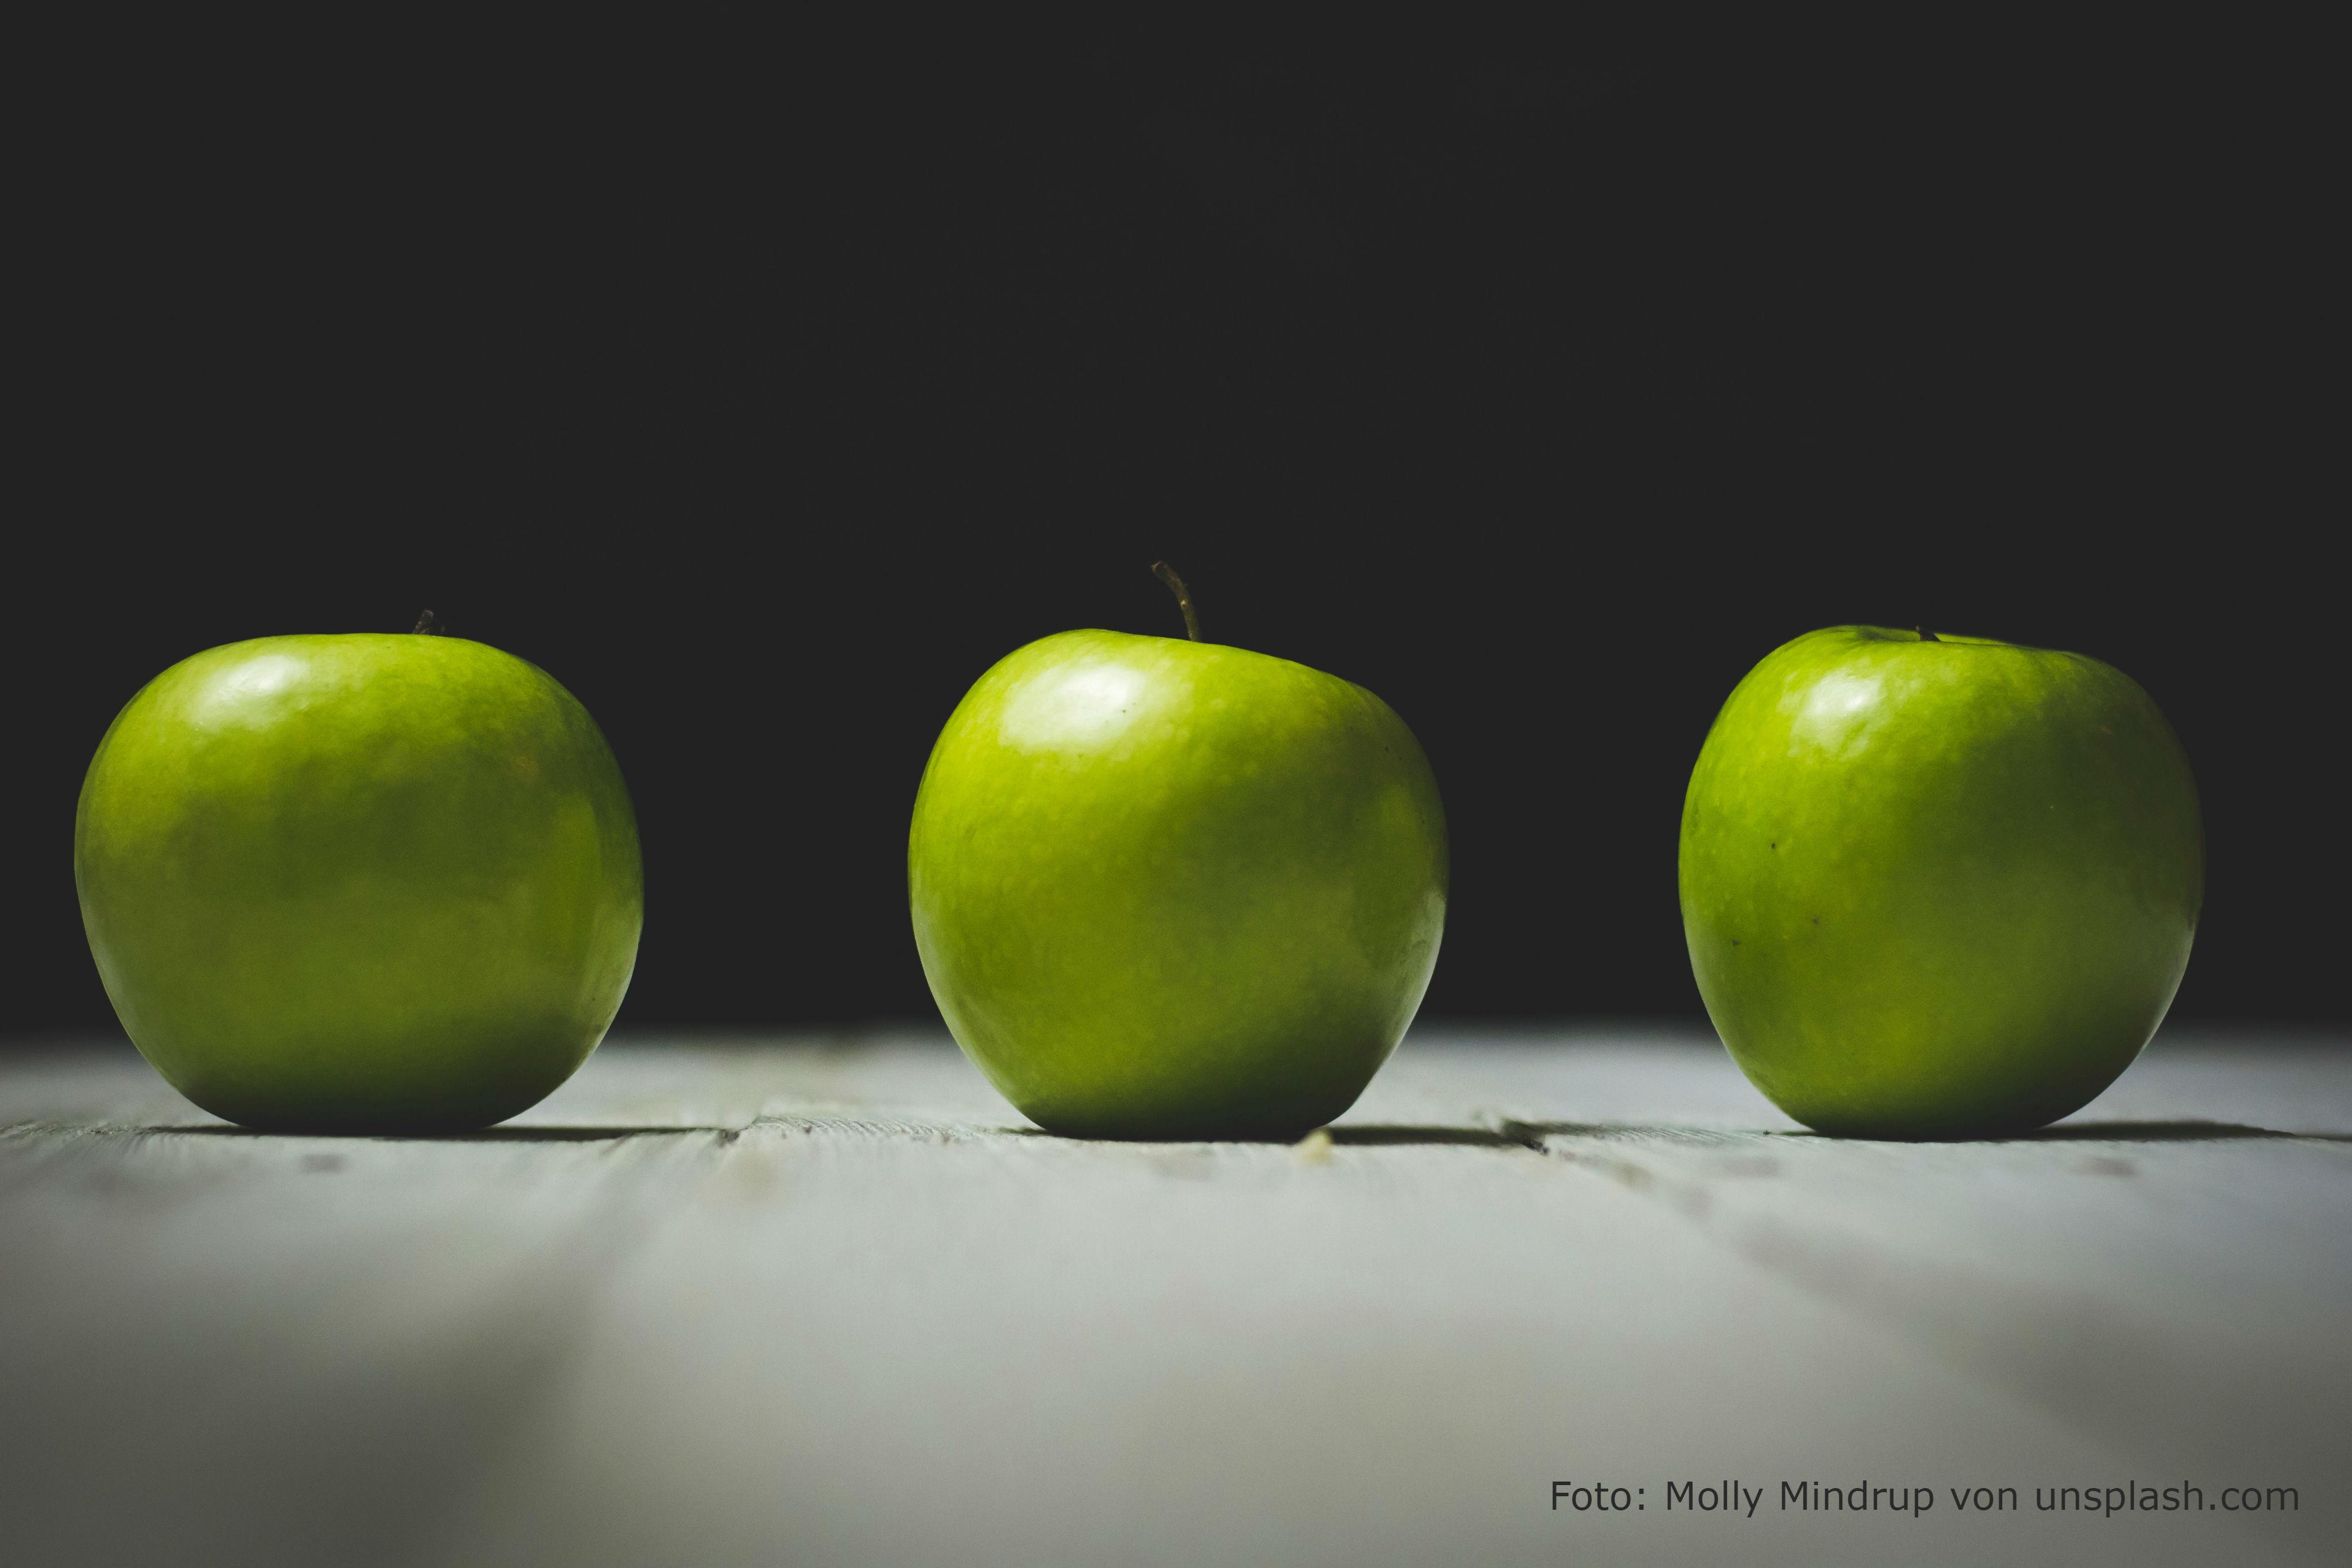 Hält ein Apfel pro Tag wirklich gesund?